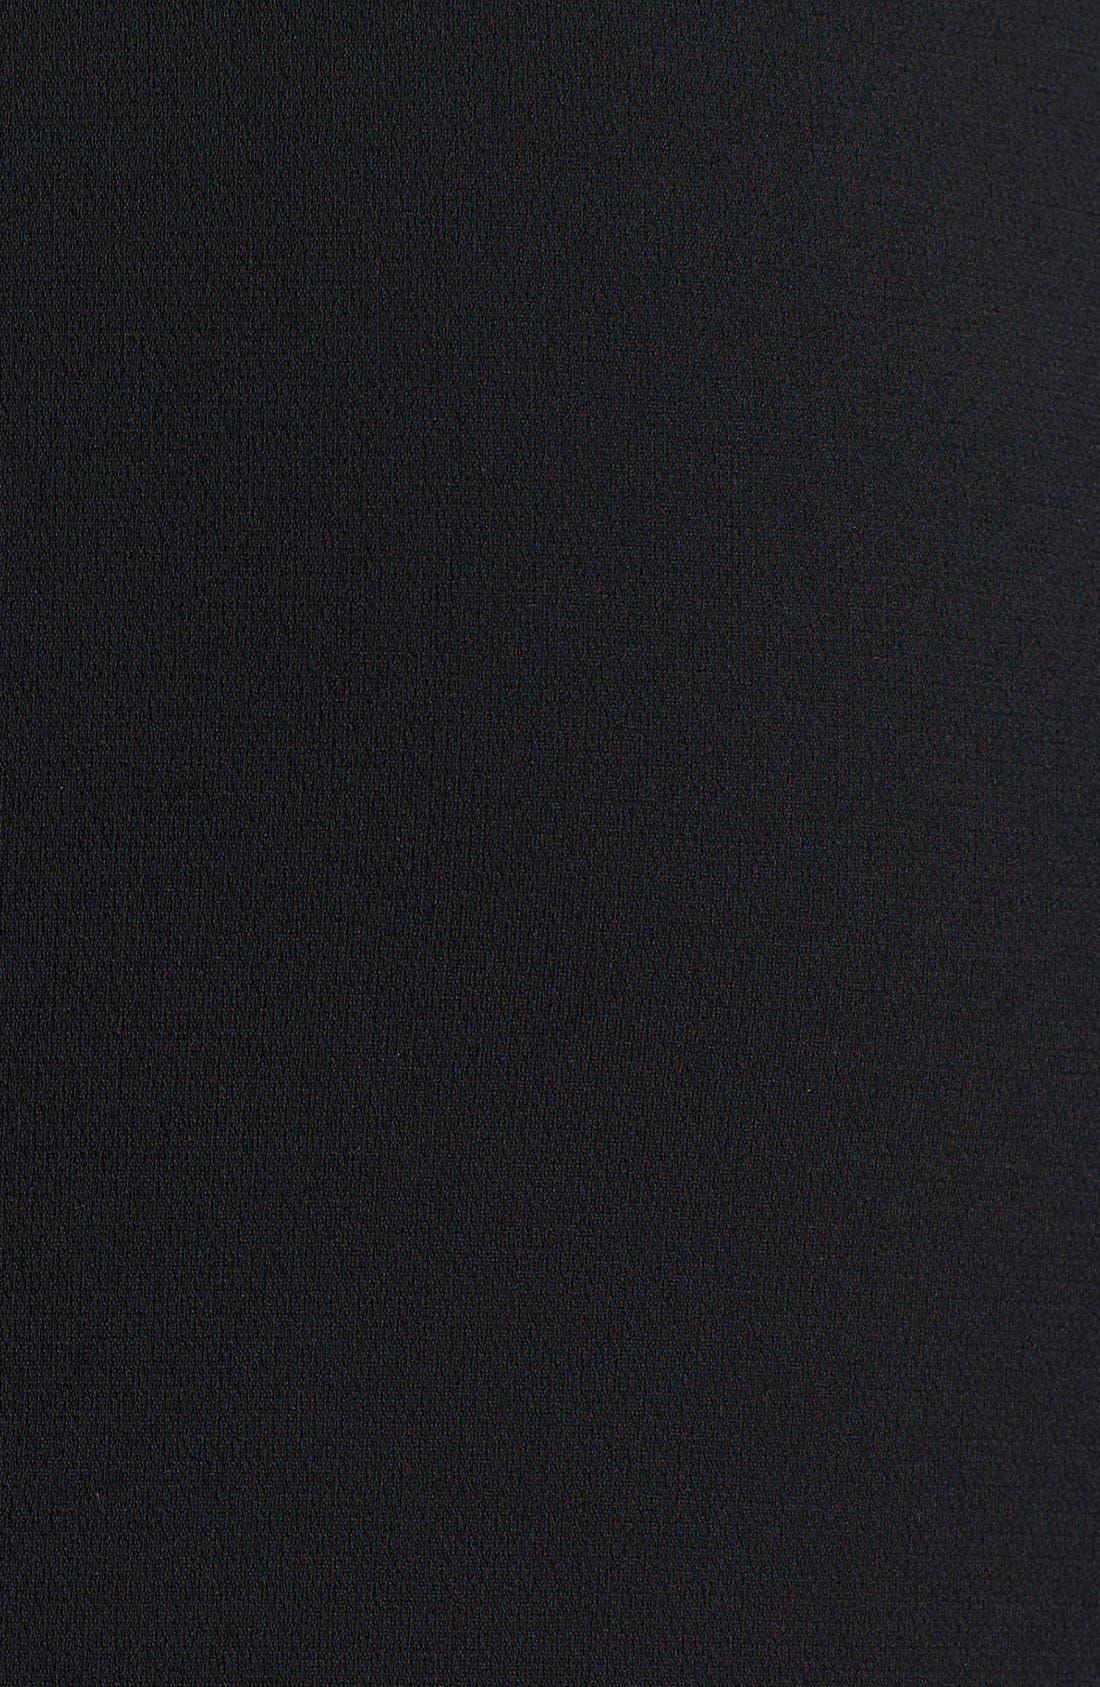 Alternate Image 3  - Diane von Furstenberg 'Ulyssa' Skirt